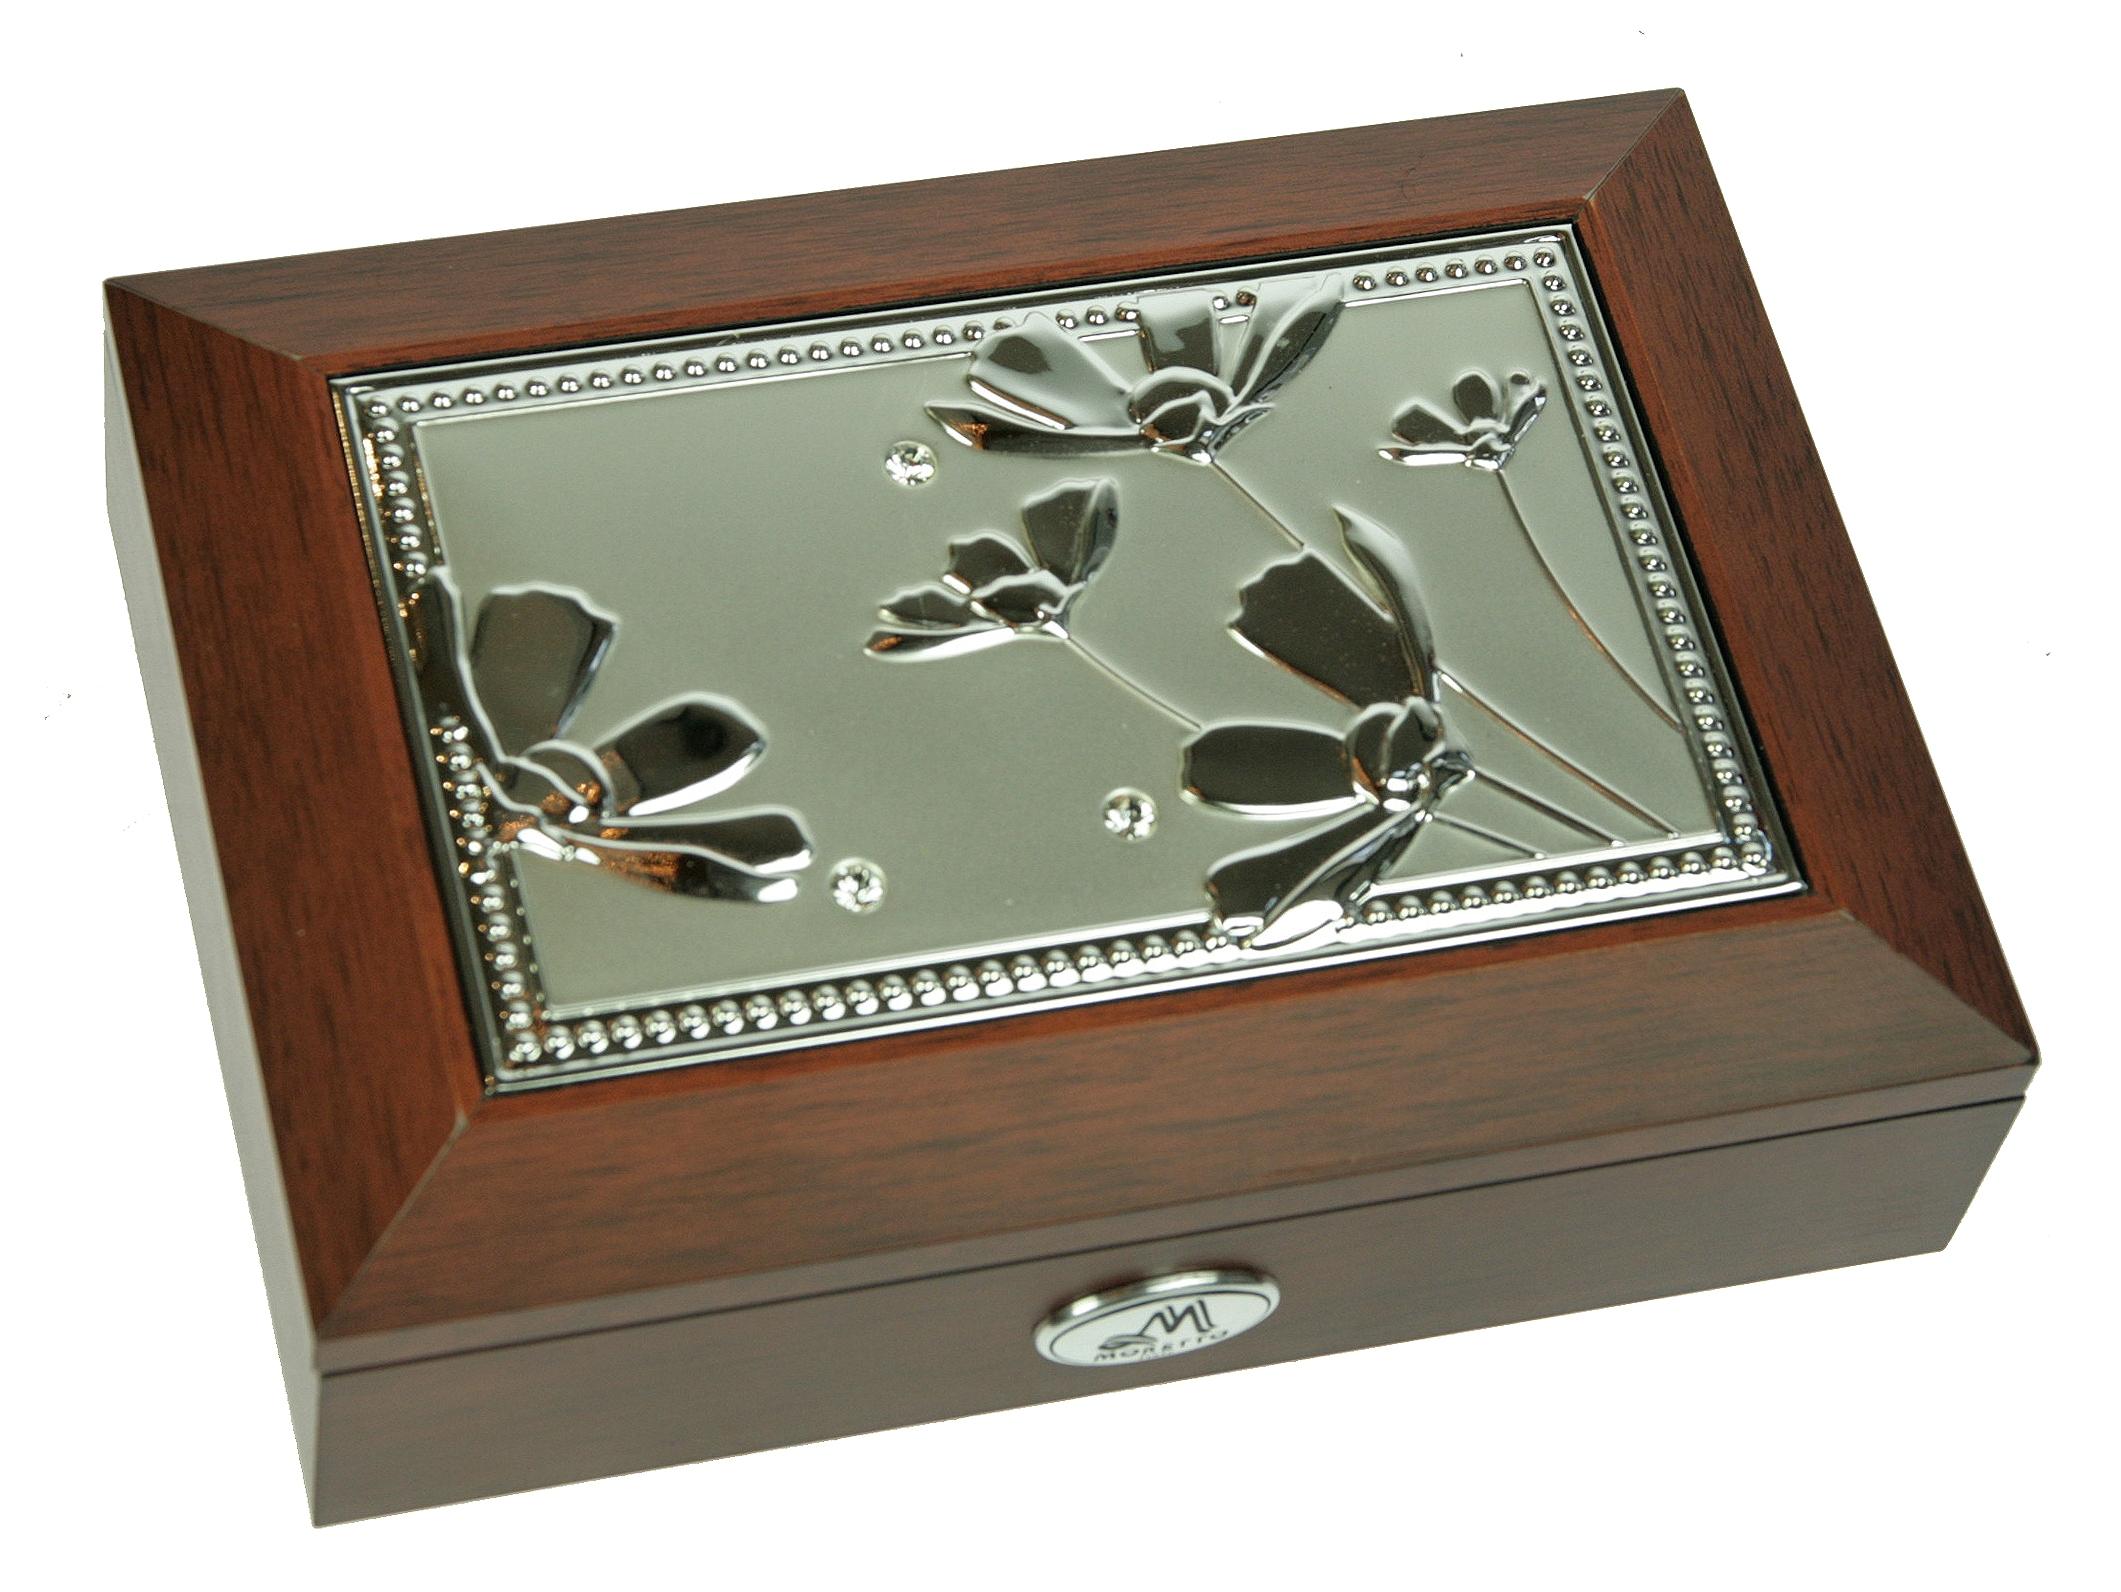 Шкатулка для ювелирных украшений Moretto, 18 х 13 х 5 см. 39850 шкатулка для украшений moretto ромашка 18 13 5 см серая